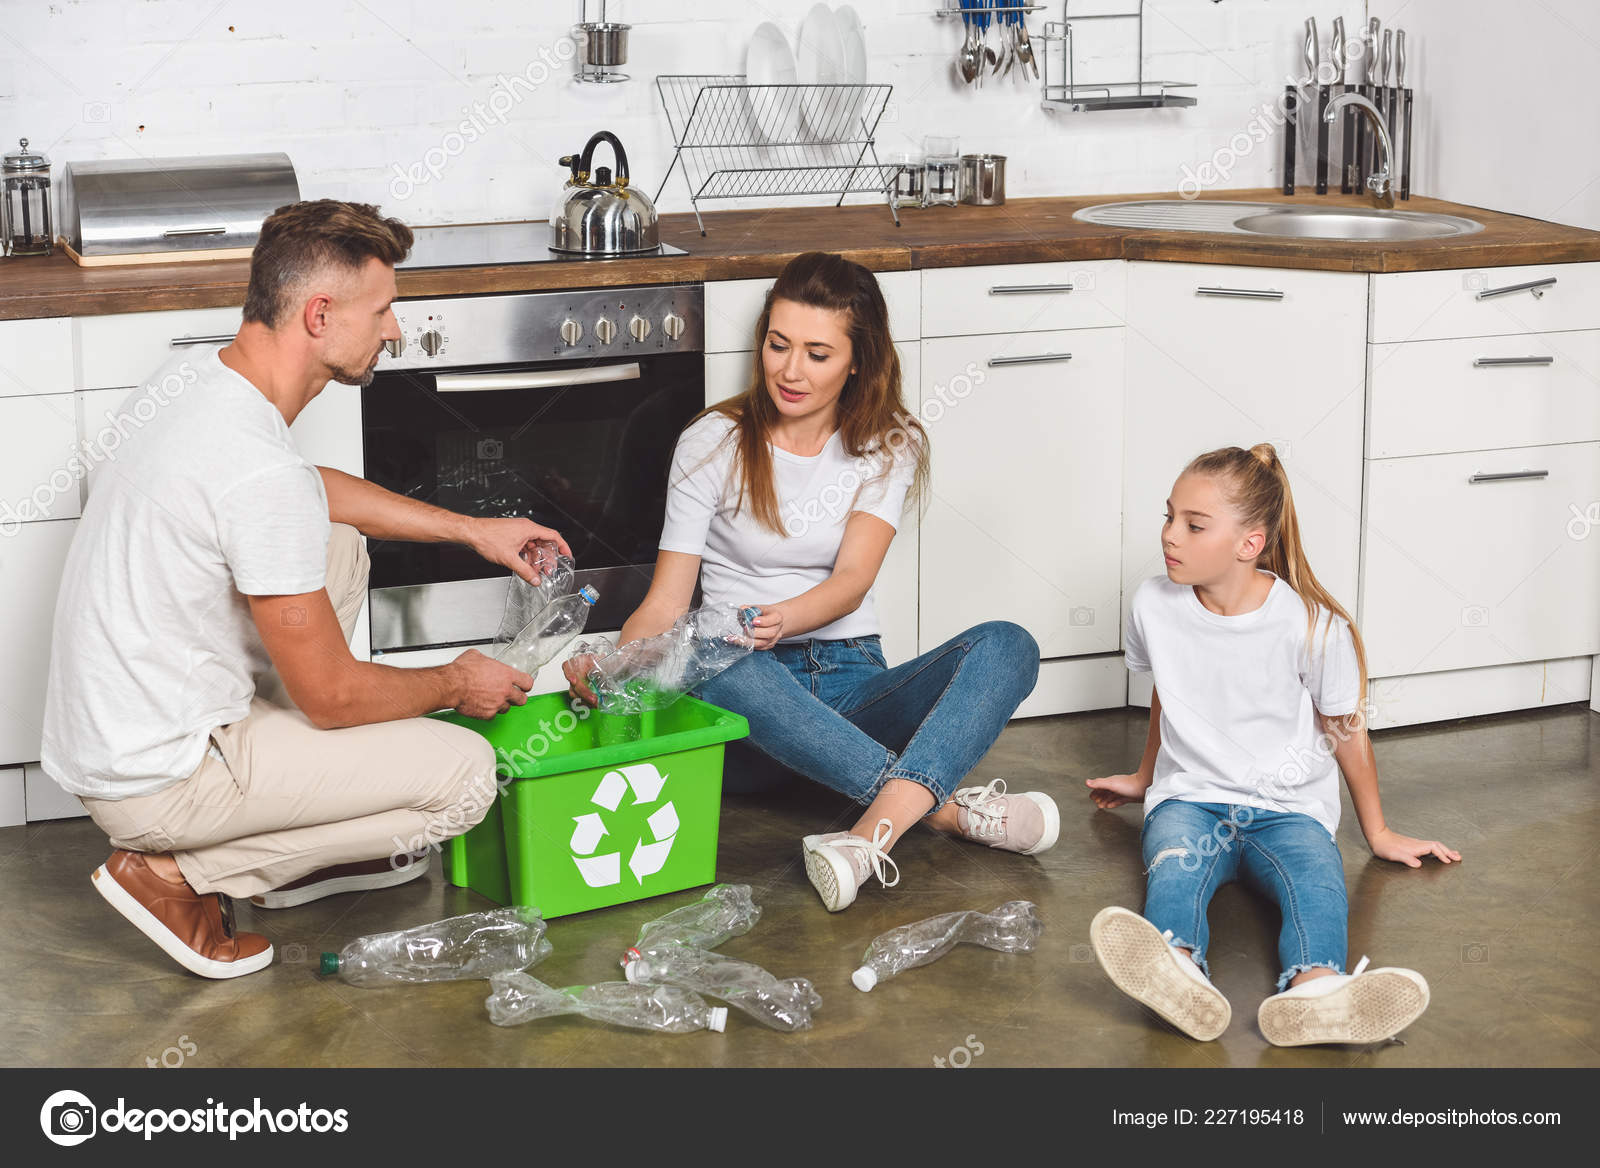 Familie Sitzen Auf Boden Küche Und Leere Plastikflaschen Recycling ...